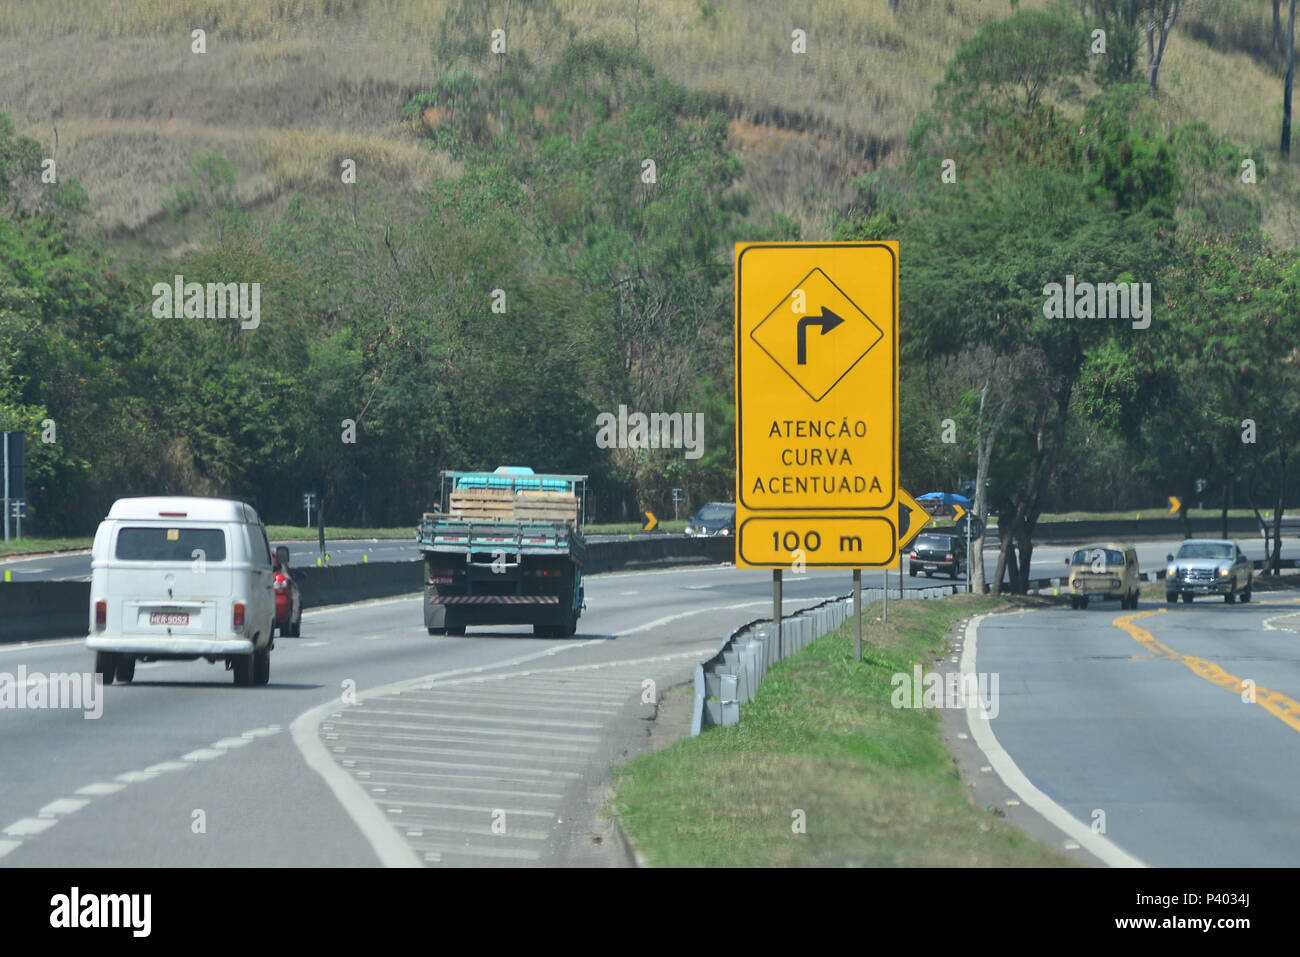 Trânsito, sinalização e movimento nas rodovias do Rio de Janeiro. Stock Photo